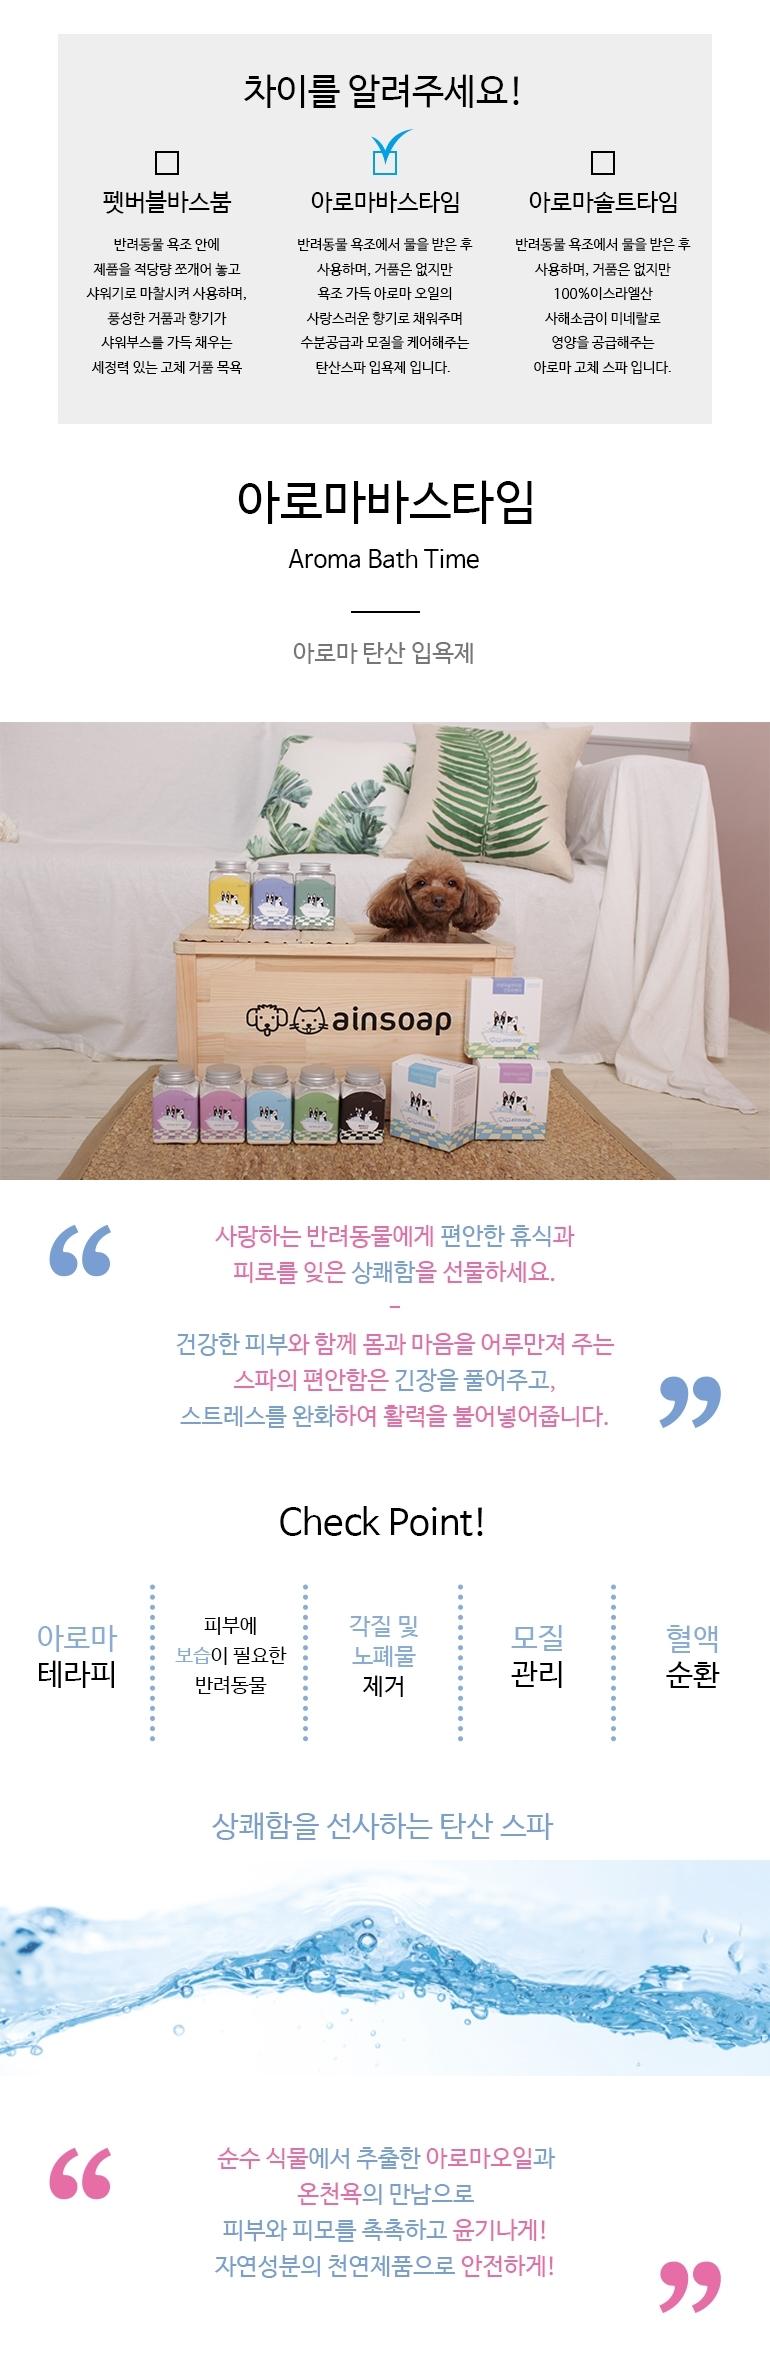 아인솝 강아지입욕제 고양이목욕용품 아로마바스타임260g로즈 - 아인솝, 21,000원, 미용/목욕용품, 샴푸/린스